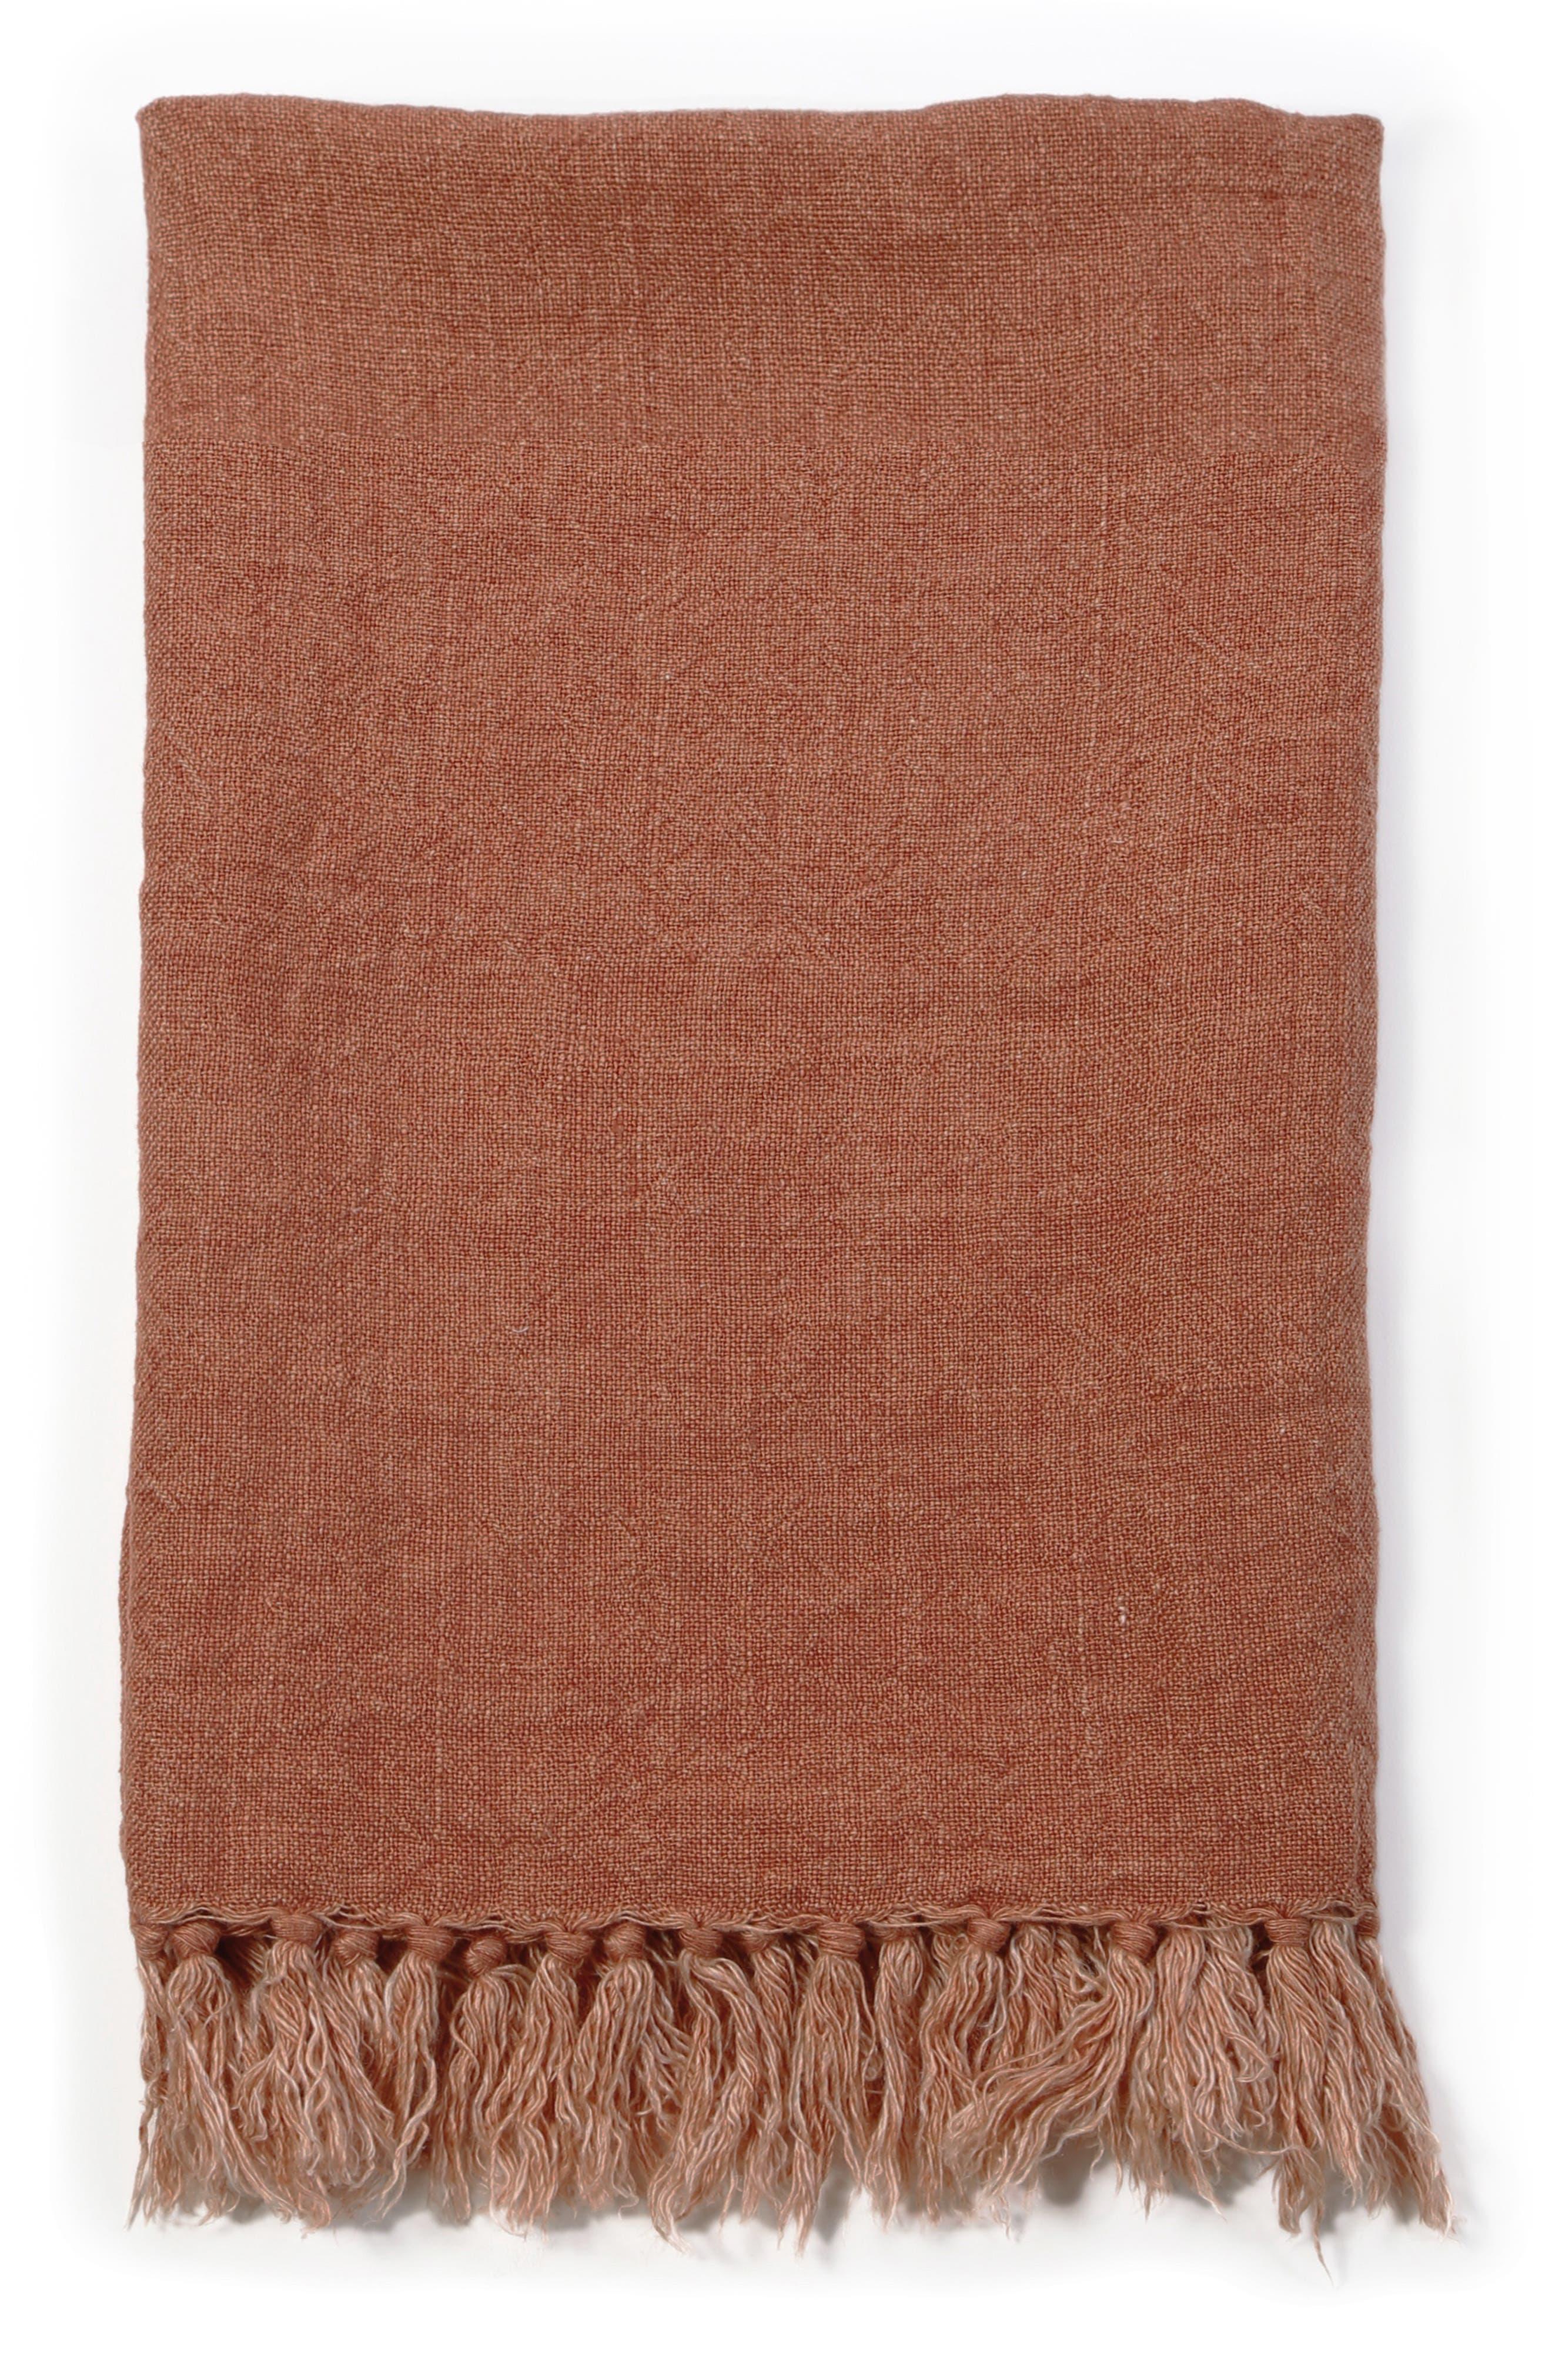 POM POM AT HOME Montauk Blanket, Main, color, TERRA COTTA